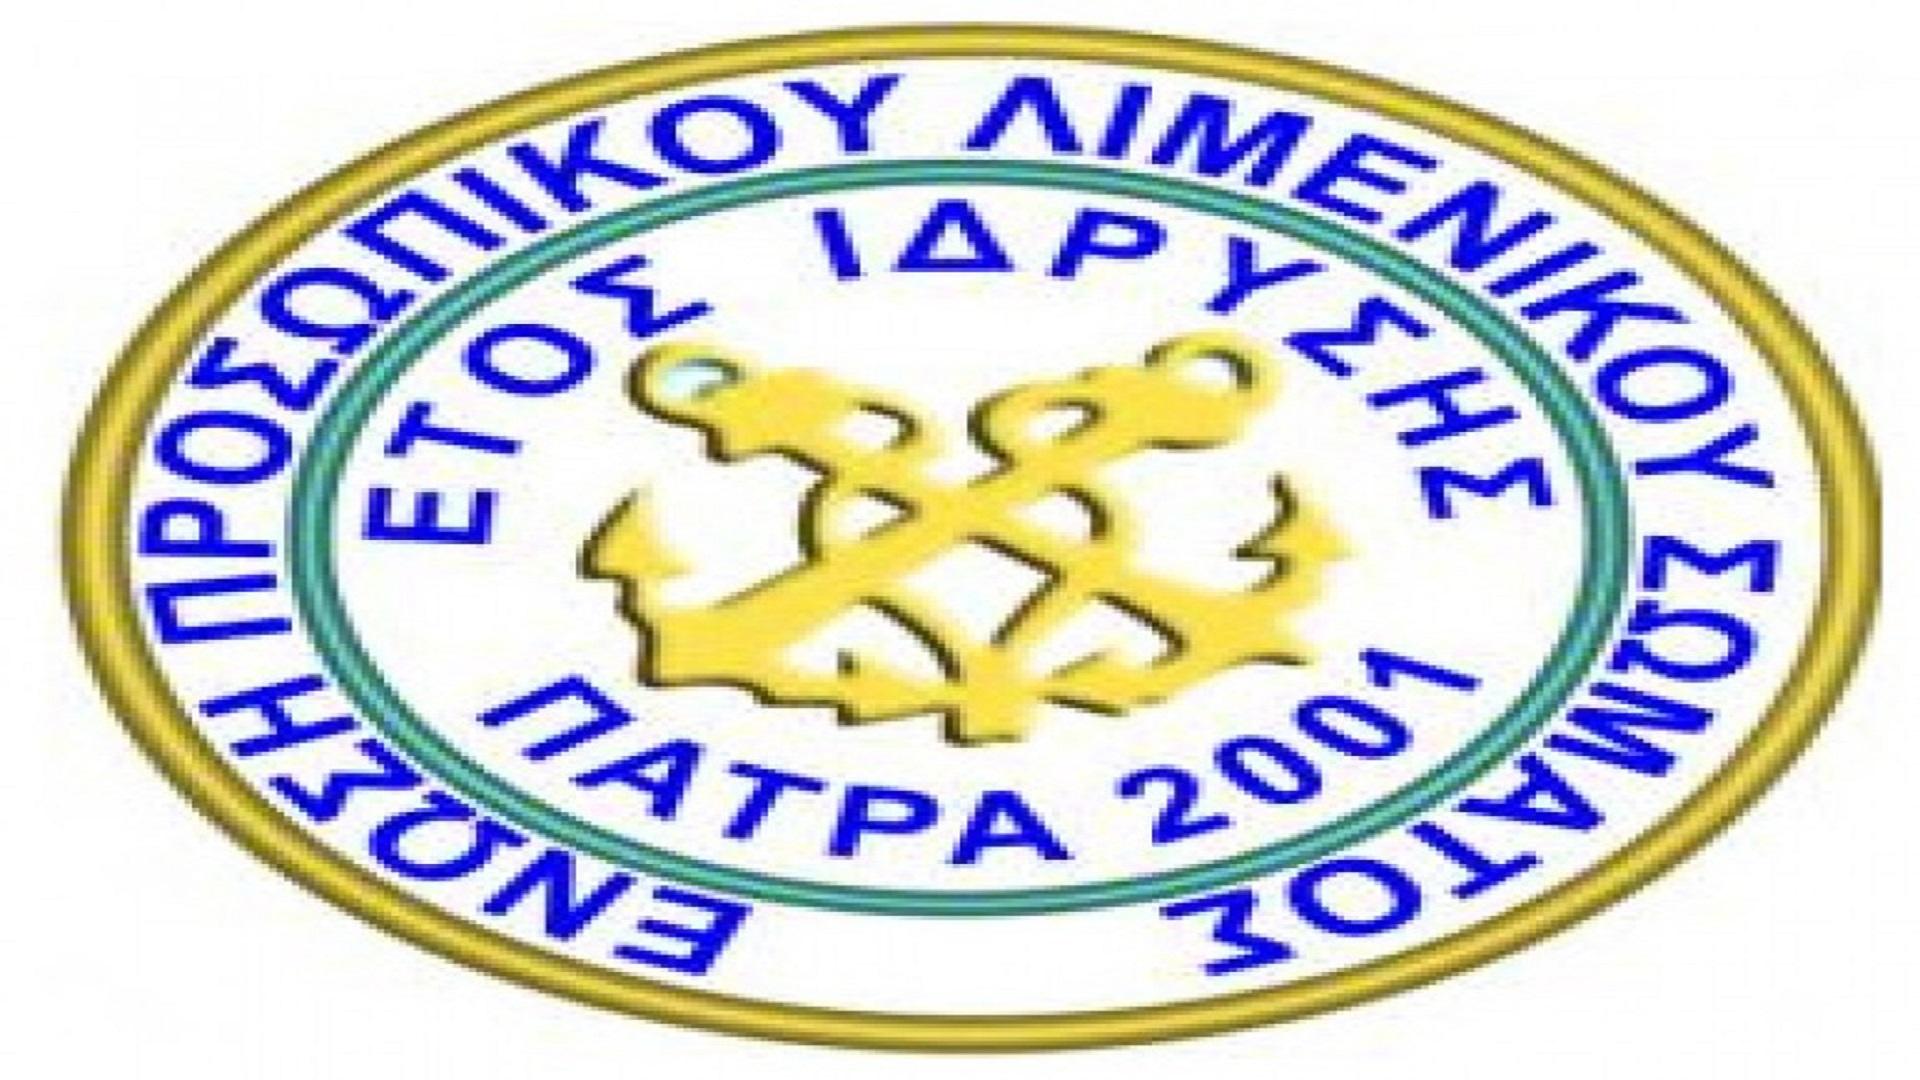 Ανασυγκρότηση ΔΣ ΕΠΛΣ Αχαΐας-Αιτωλοακαρνανίας-Φωκίδας